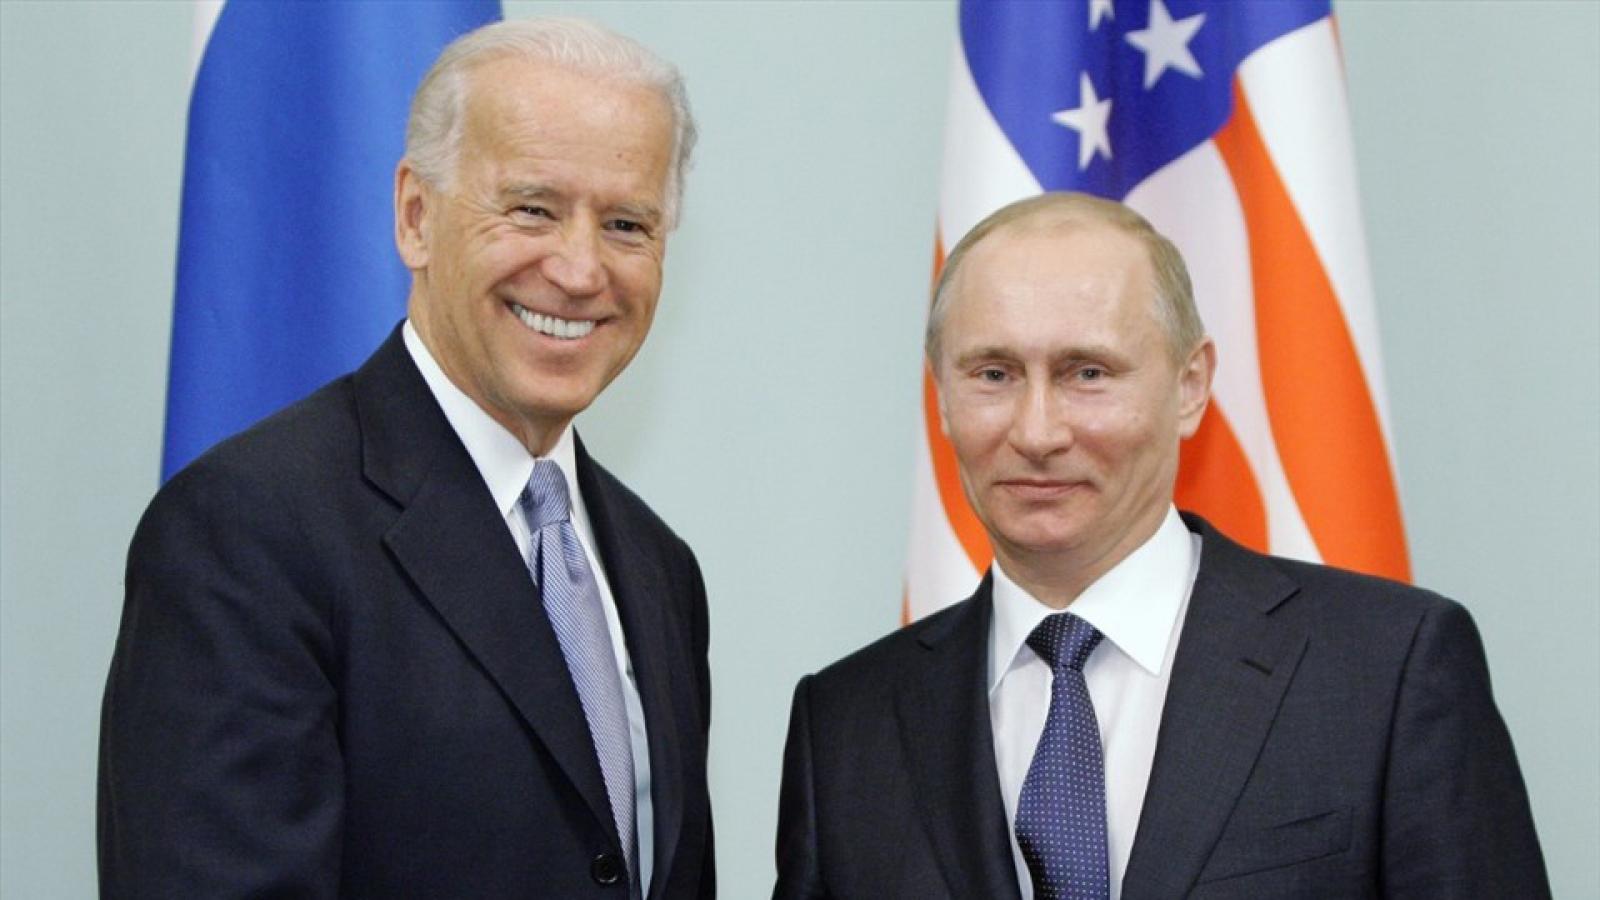 Tổng thống Biden có đạt được mục đích tại thượng đỉnh Mỹ-Nga?